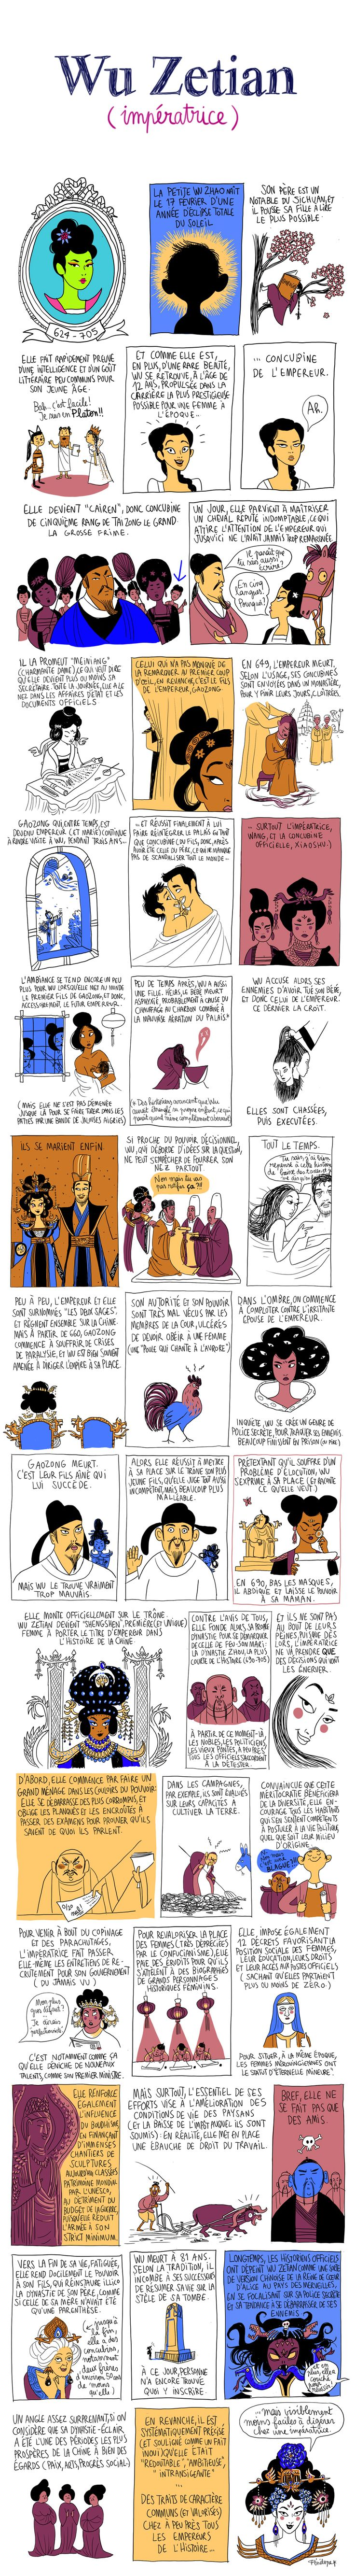 L'histoire de l'impératrice Wu Zetian, dessinée par Pénélope Bagieu